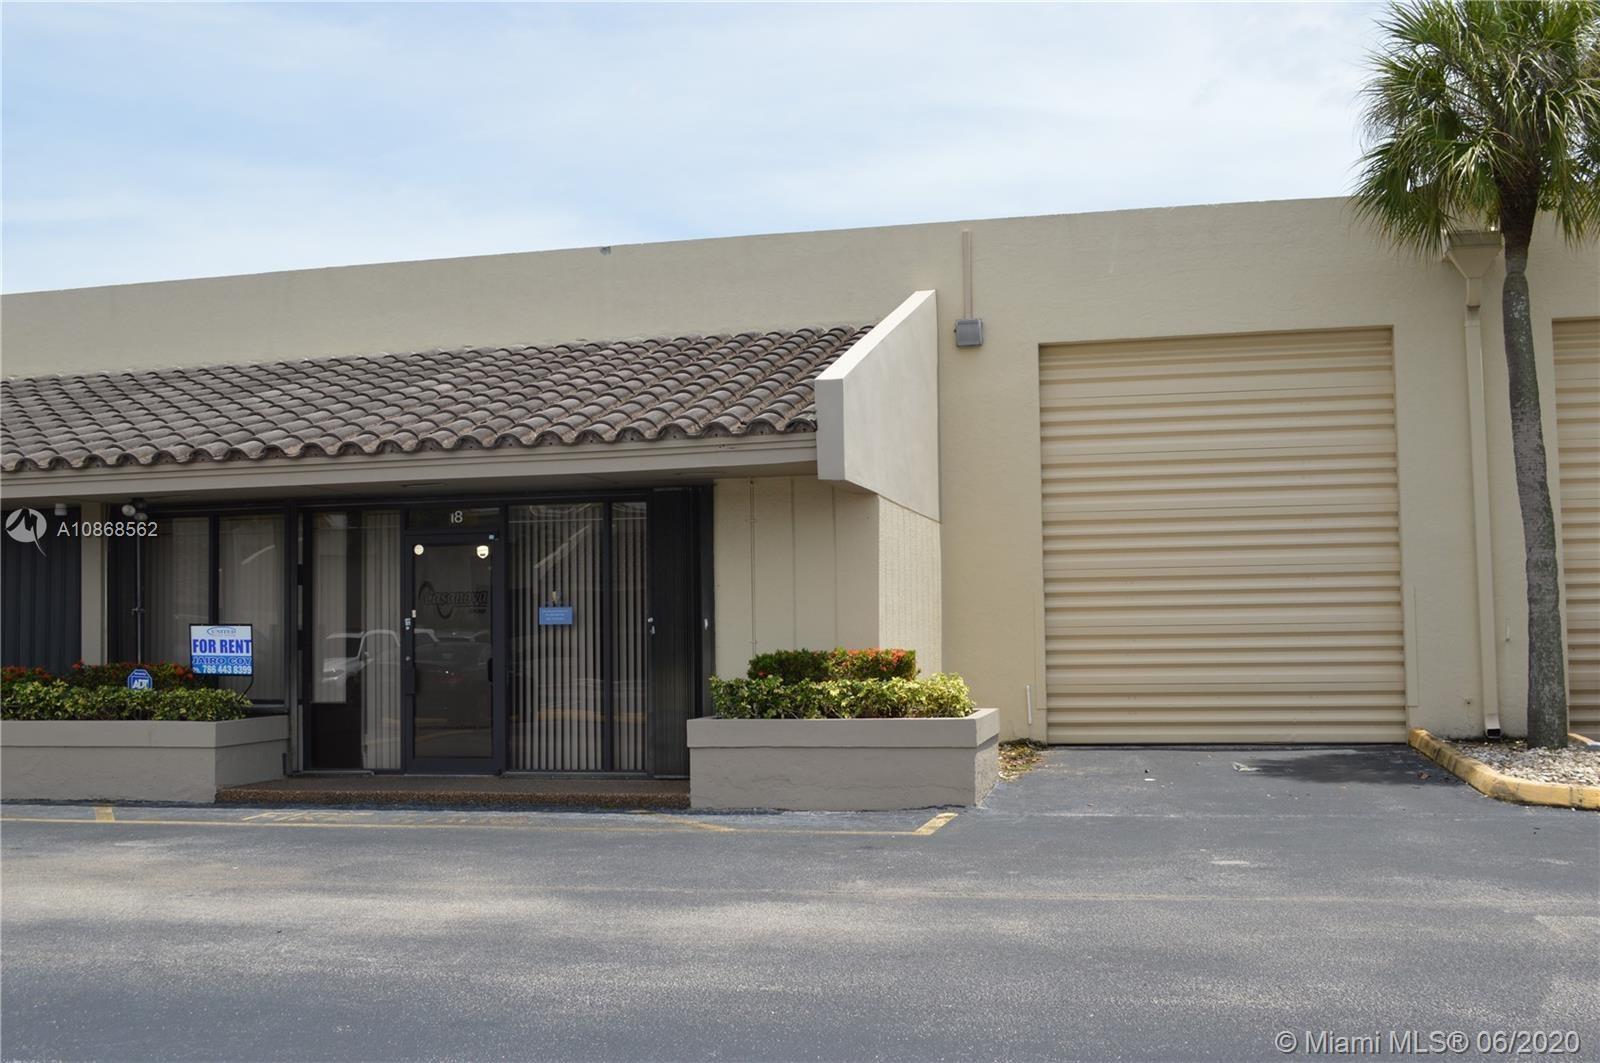 6065 NW 167th St, Hialeah, FL 33015